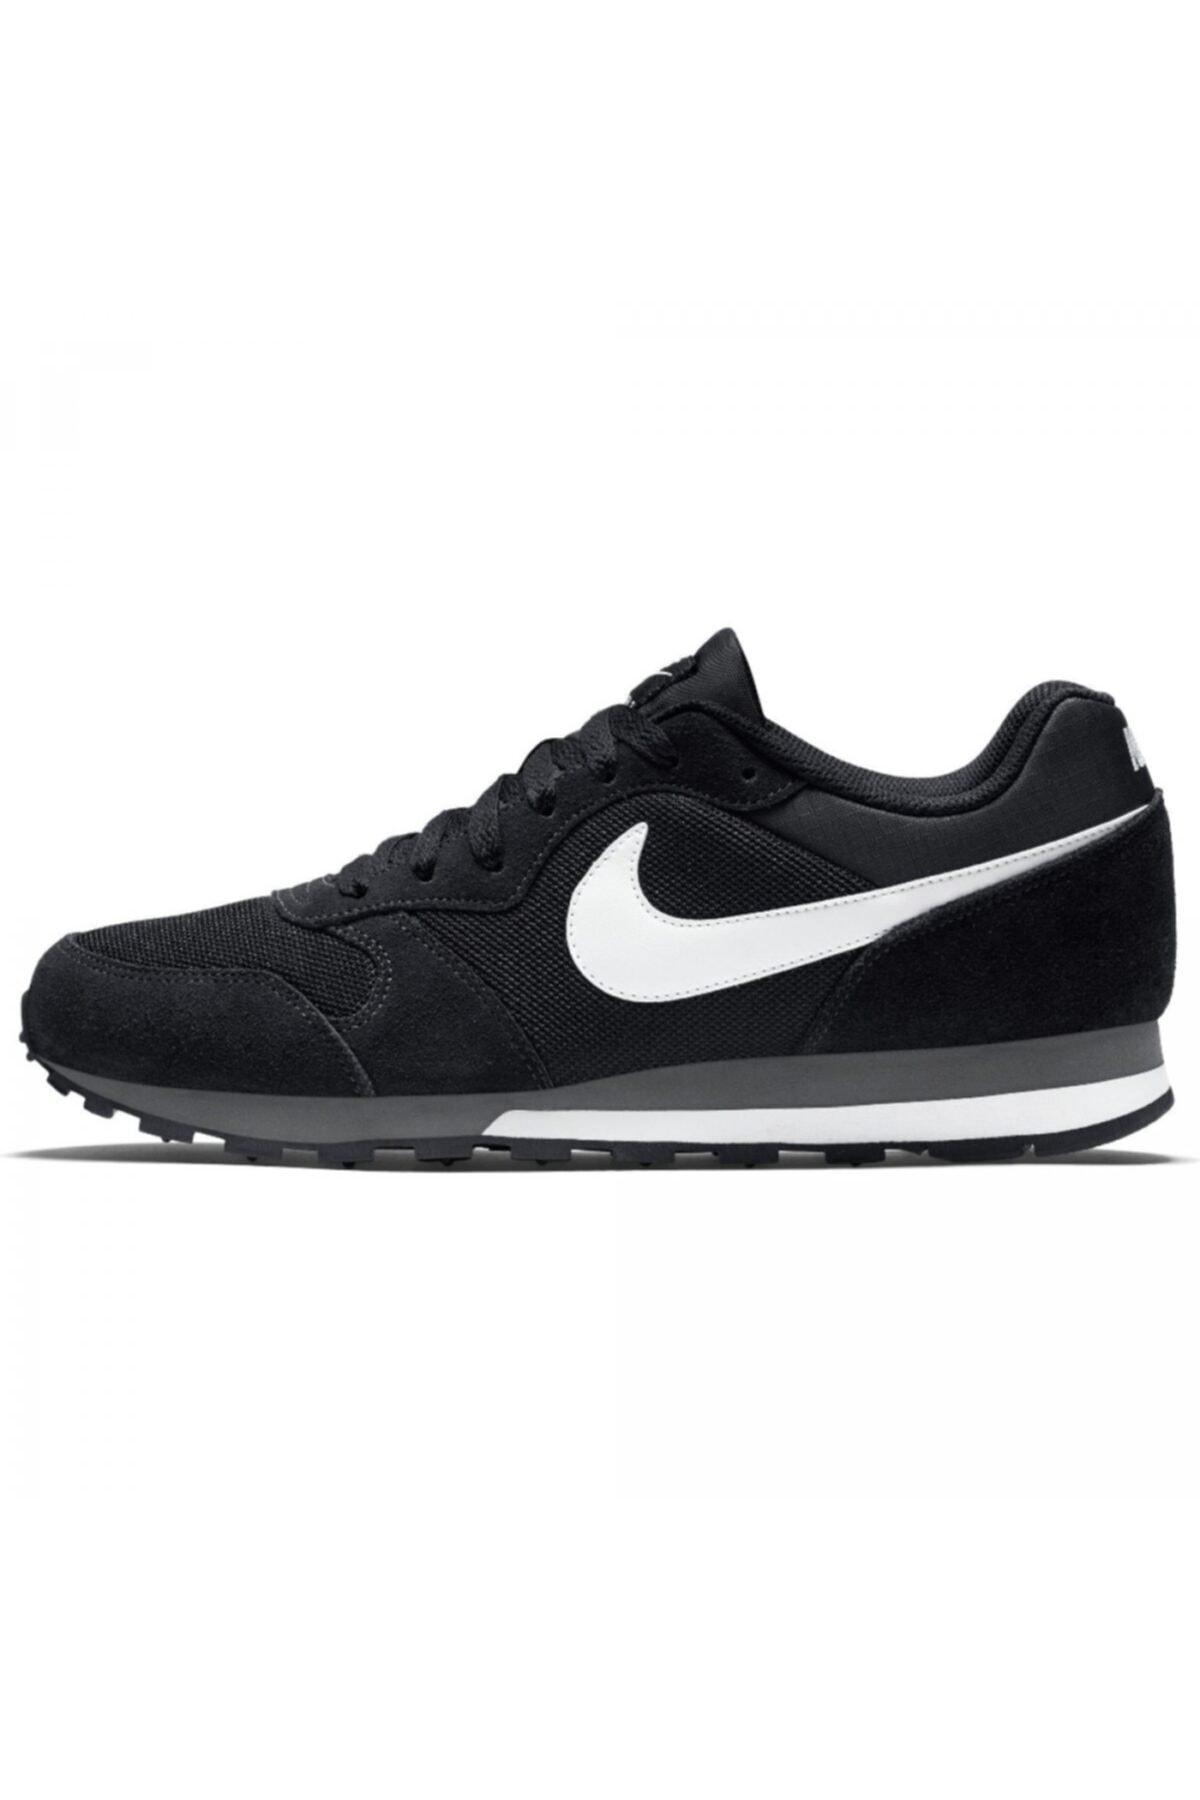 Nike Erkek Siyah Koşu Ayakkabısı 749794-010 2